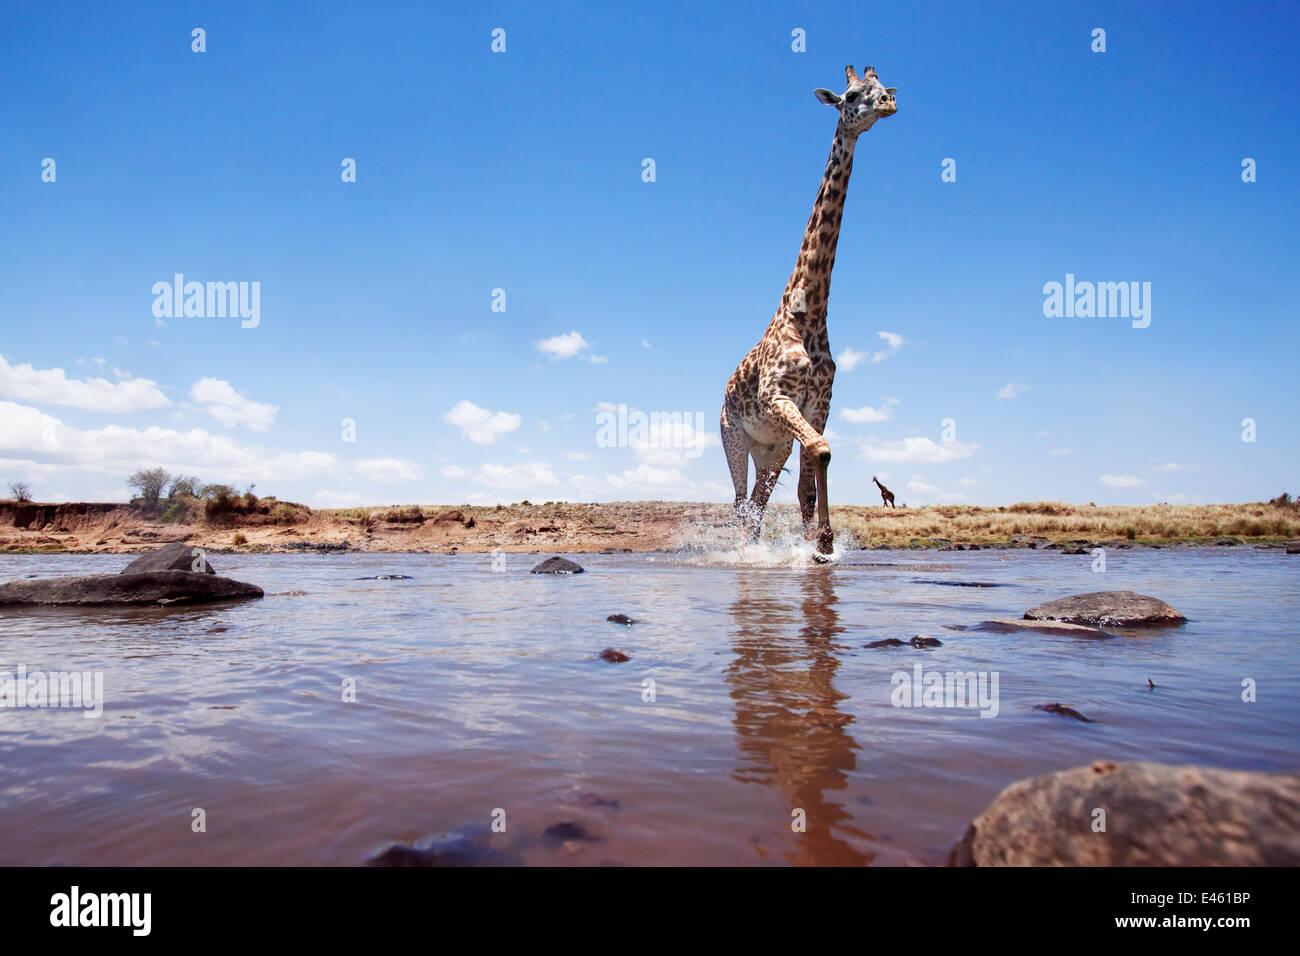 Masai jirafa (Giraffa camelopardalis tippelskirchi) cruzando el río Mara - Amplio ángulo de perspectiva, Imagen De Stock